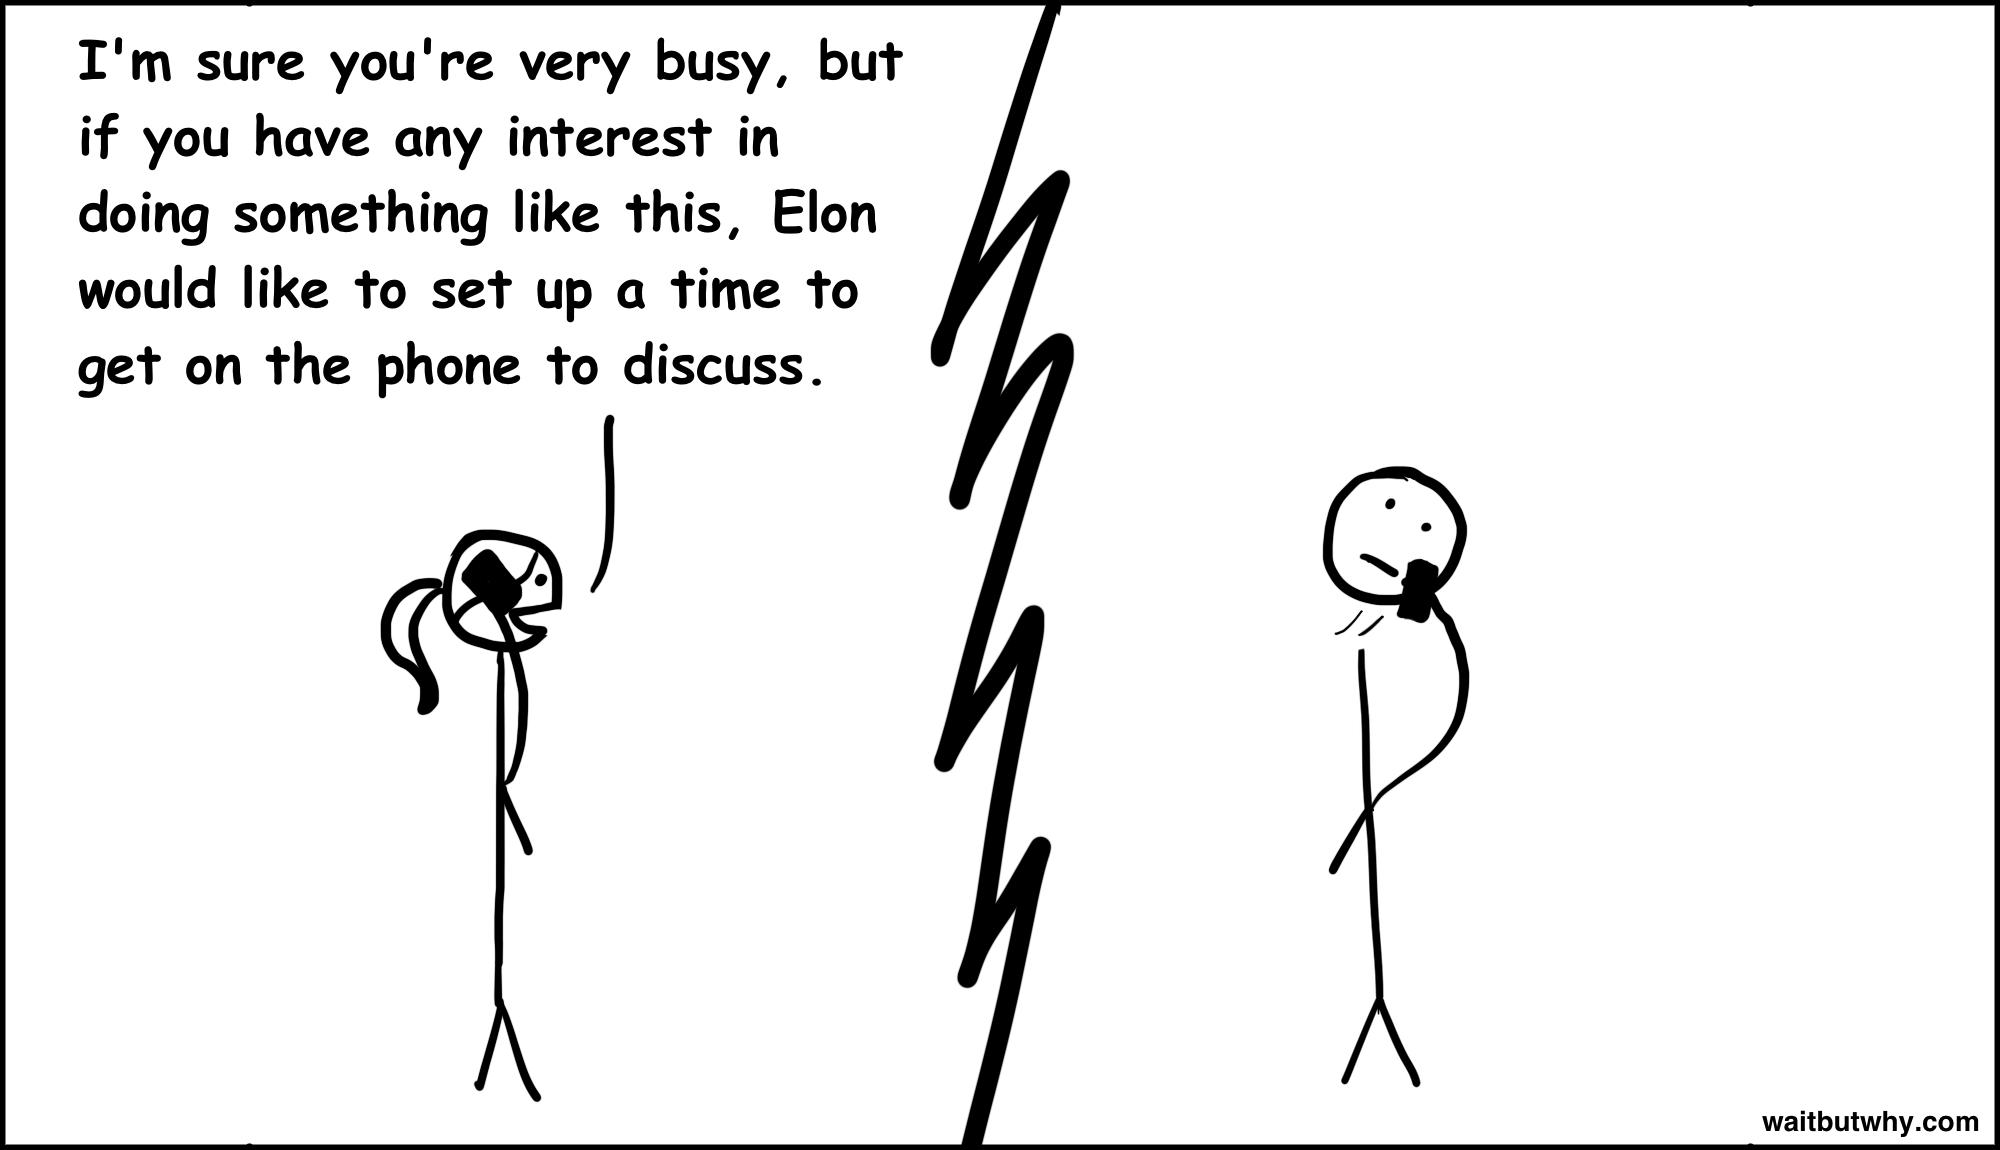 https://waitbutwhy.com/2015/05/elon-musk-the-worlds-raddest-man.html